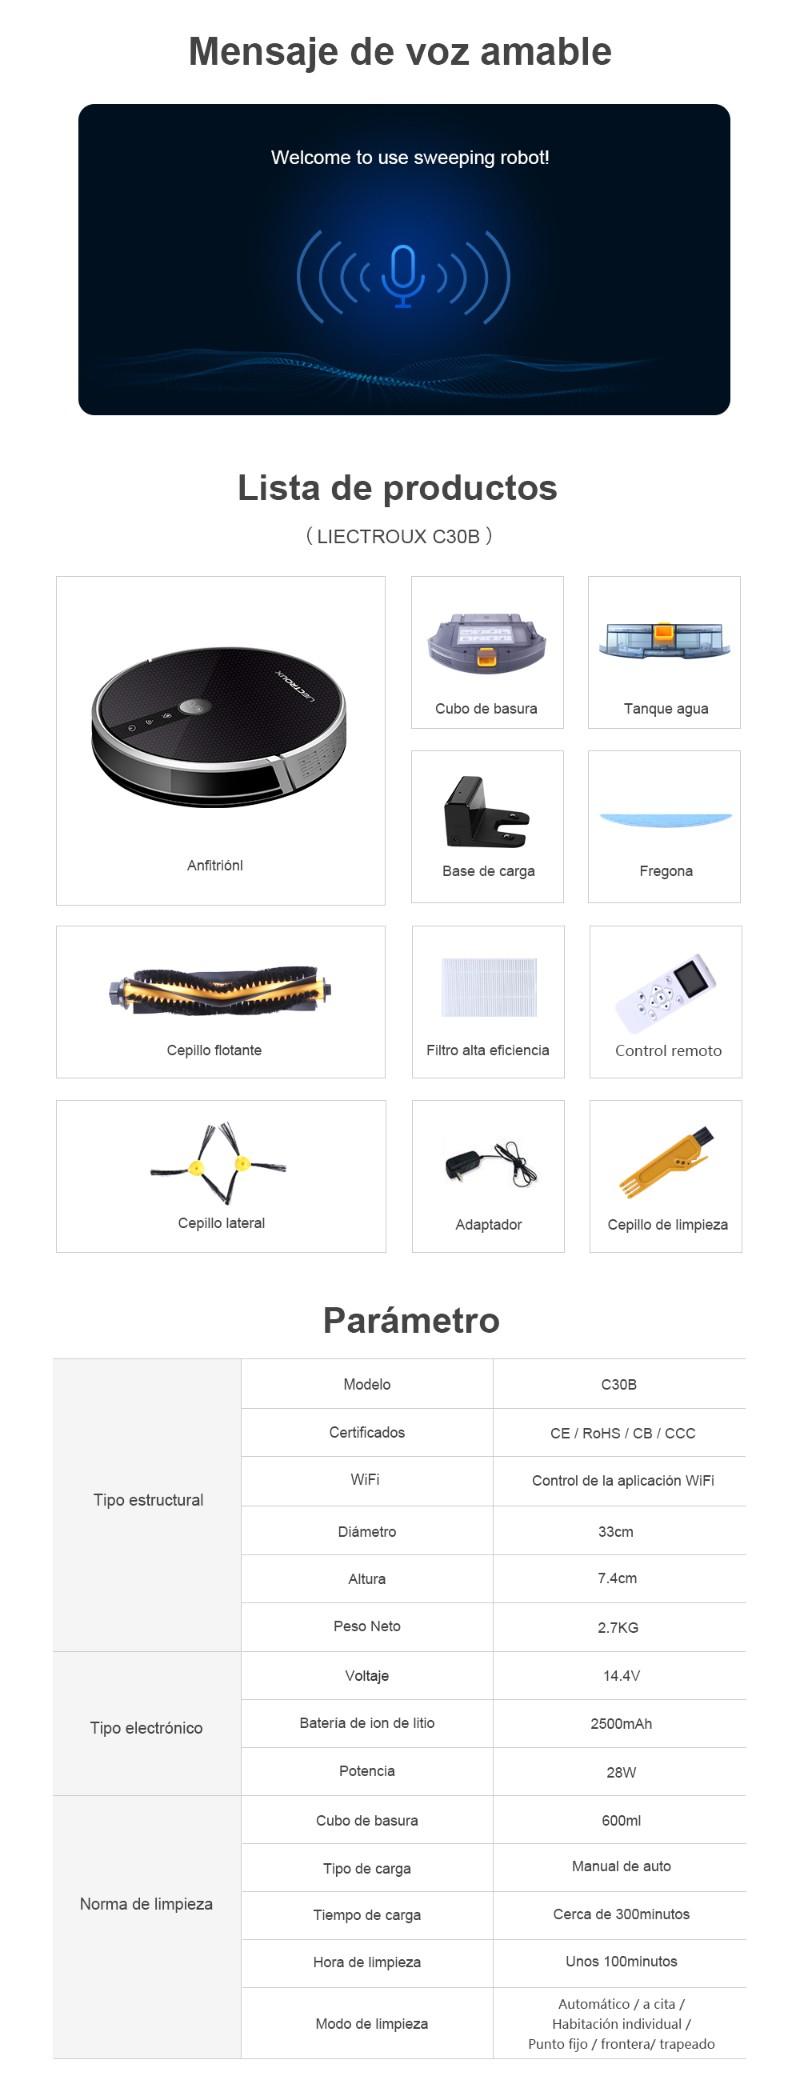 LIECTROUX  Aspirador robot C30B, succión 3000Pa, navegación de mapas 2D, con memoria, aplicación WiFi, tanque de agua eléctrico